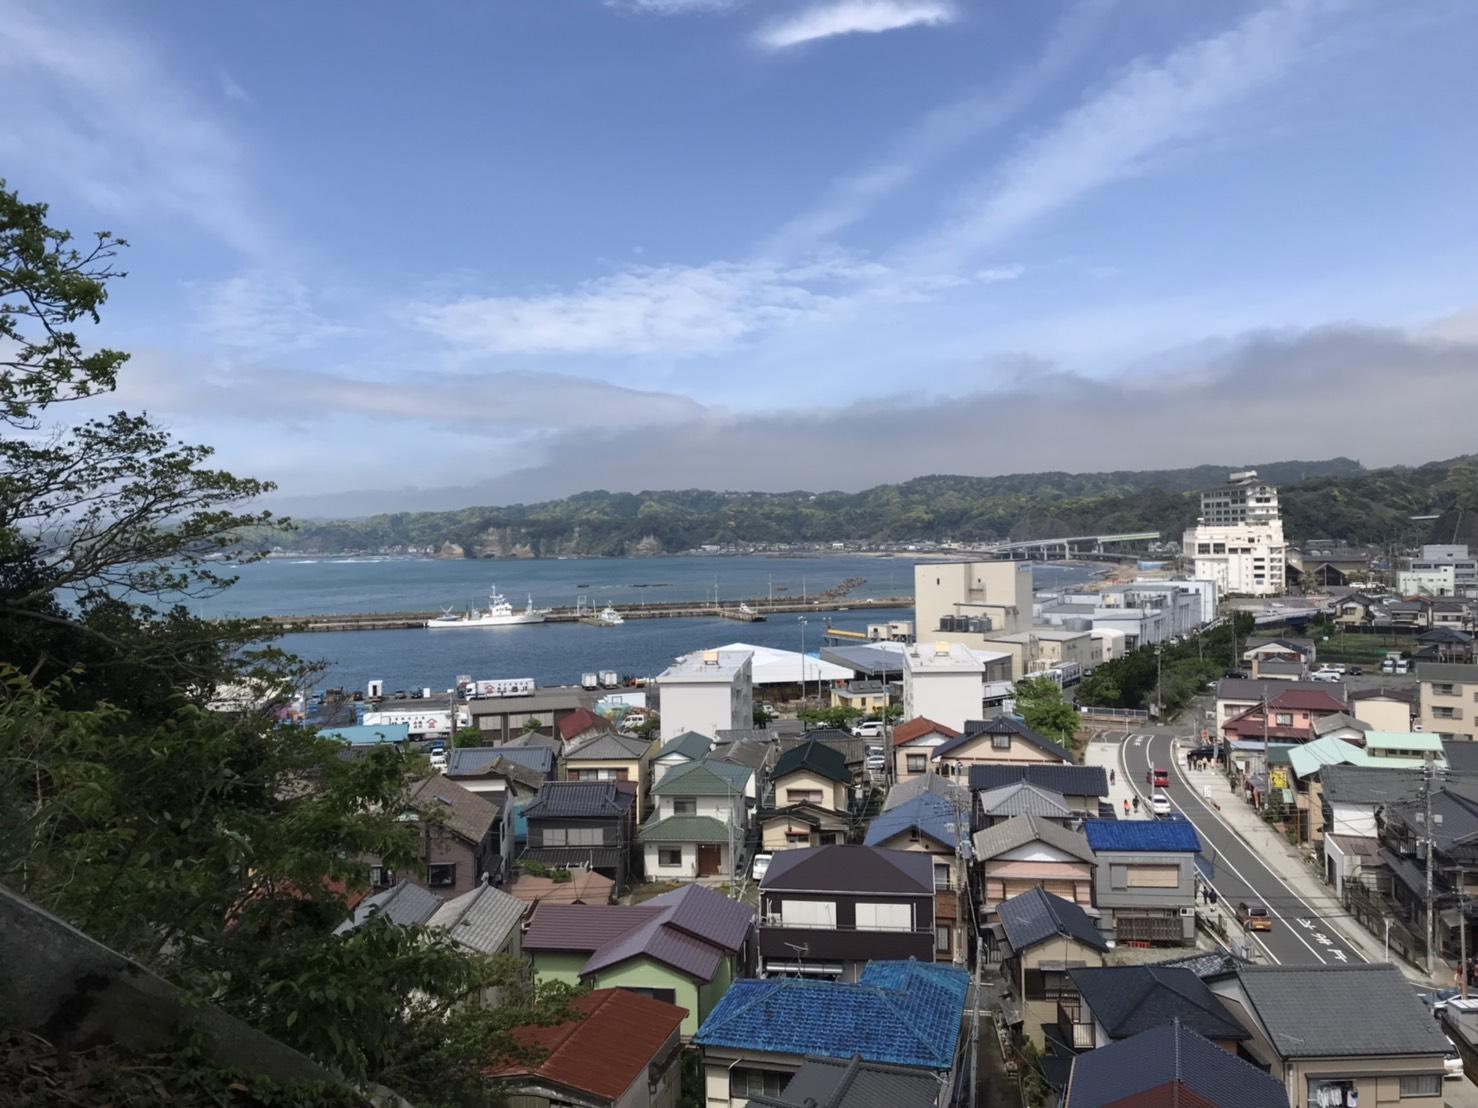 ~ 遠岬神社からの景色 ~